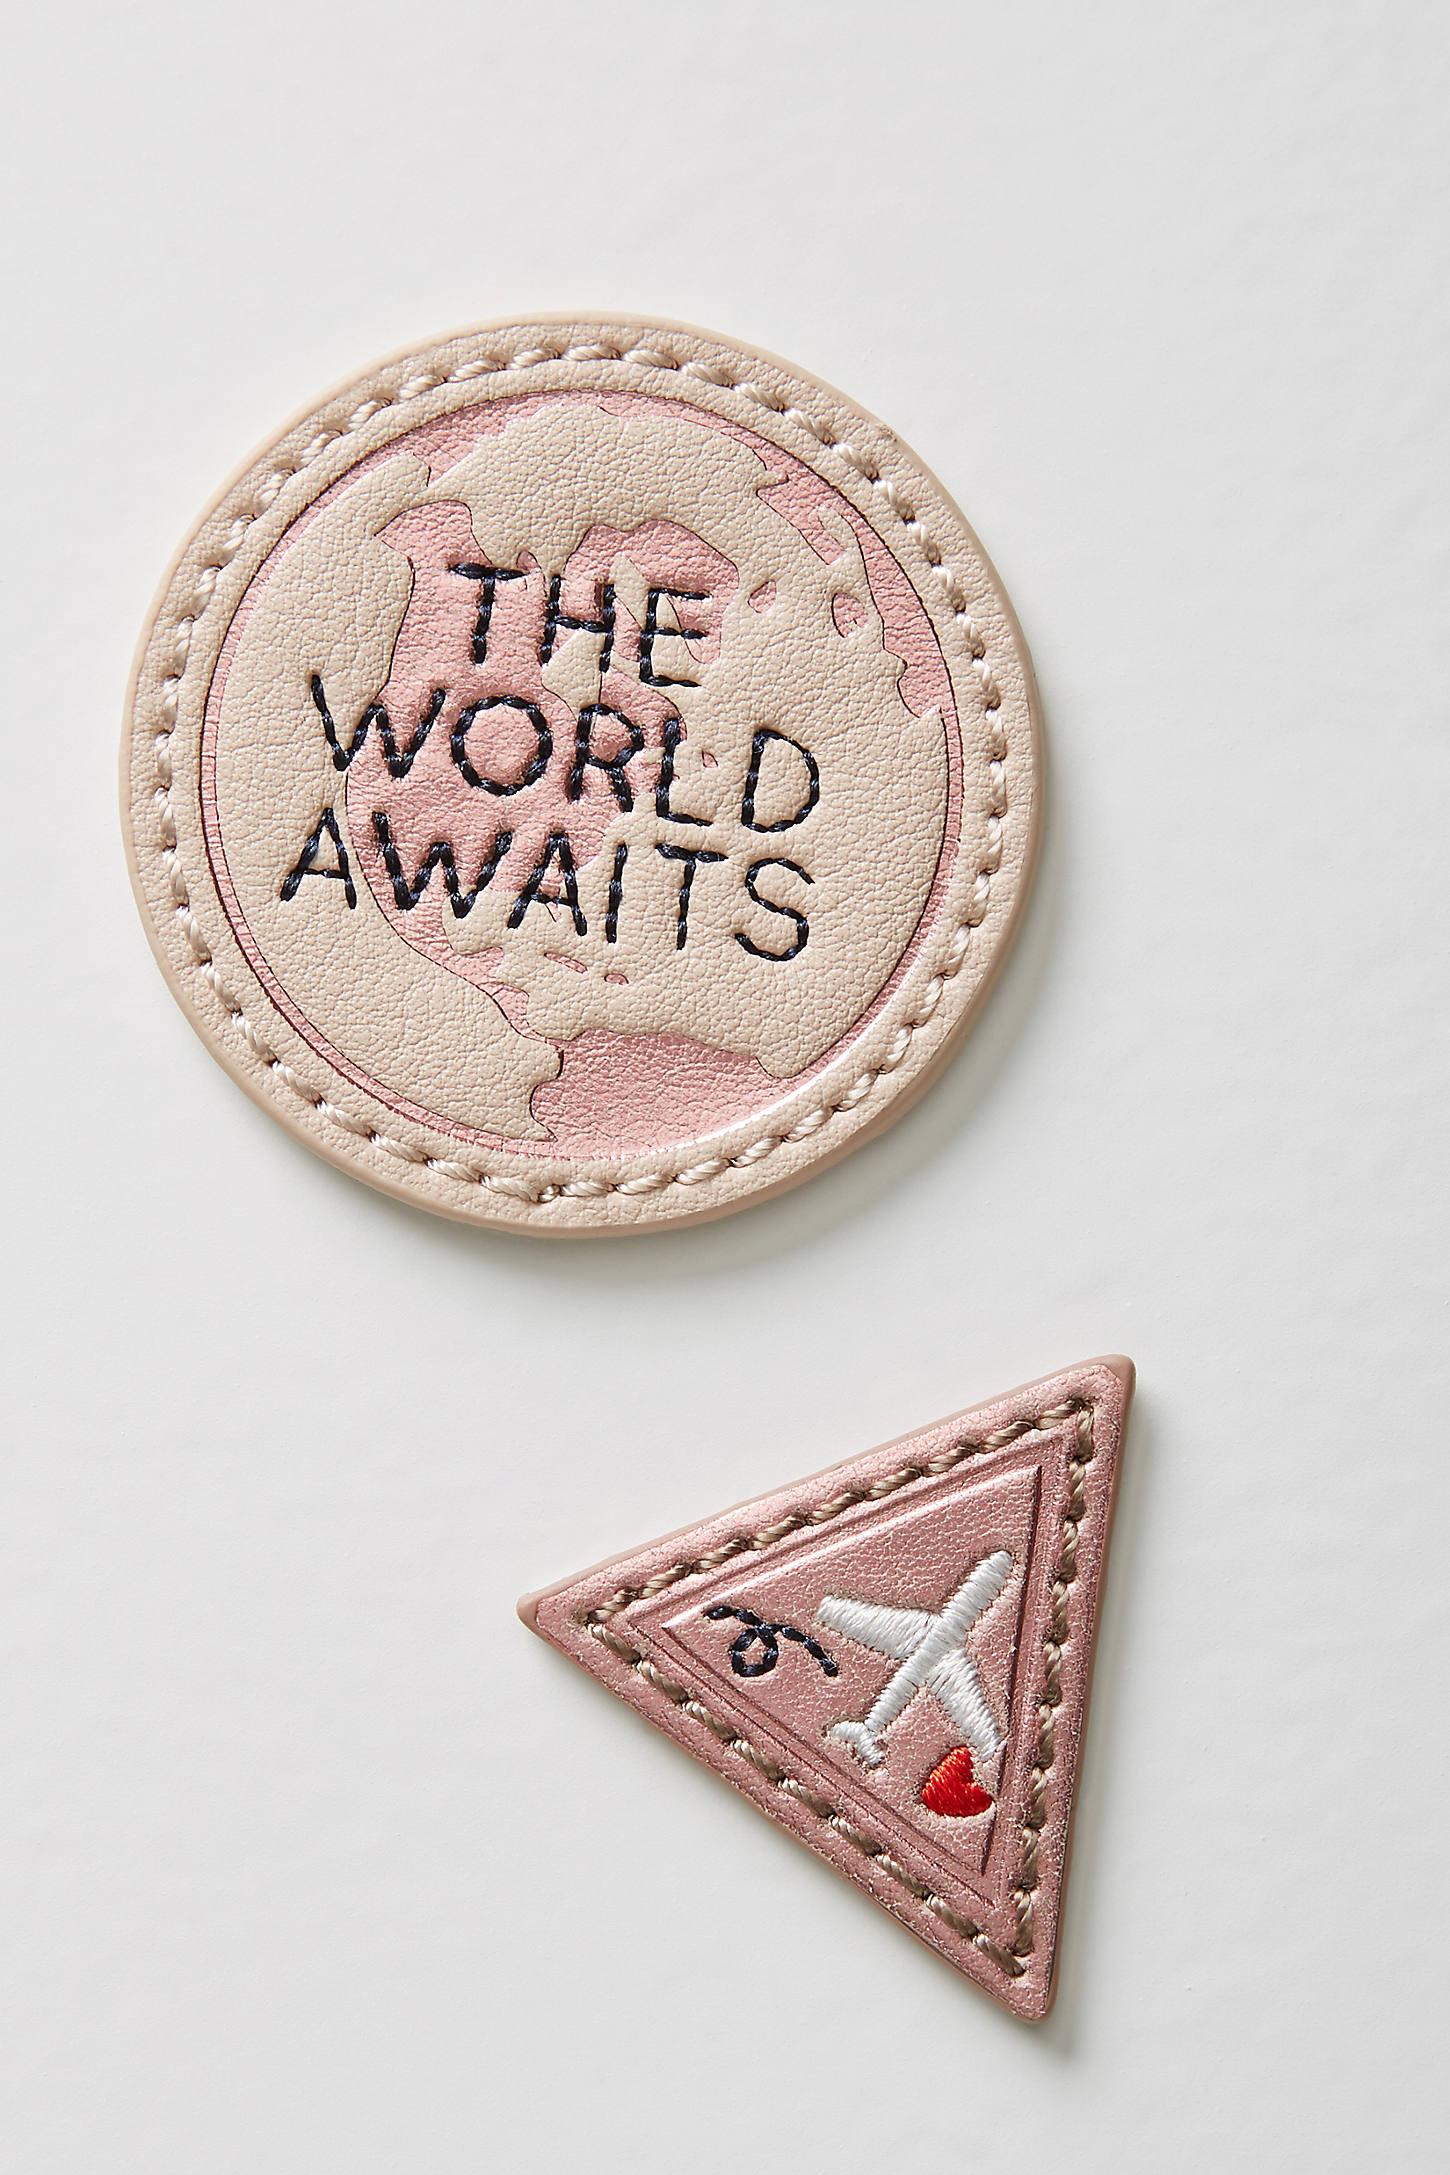 World Traveler Sticker Patch